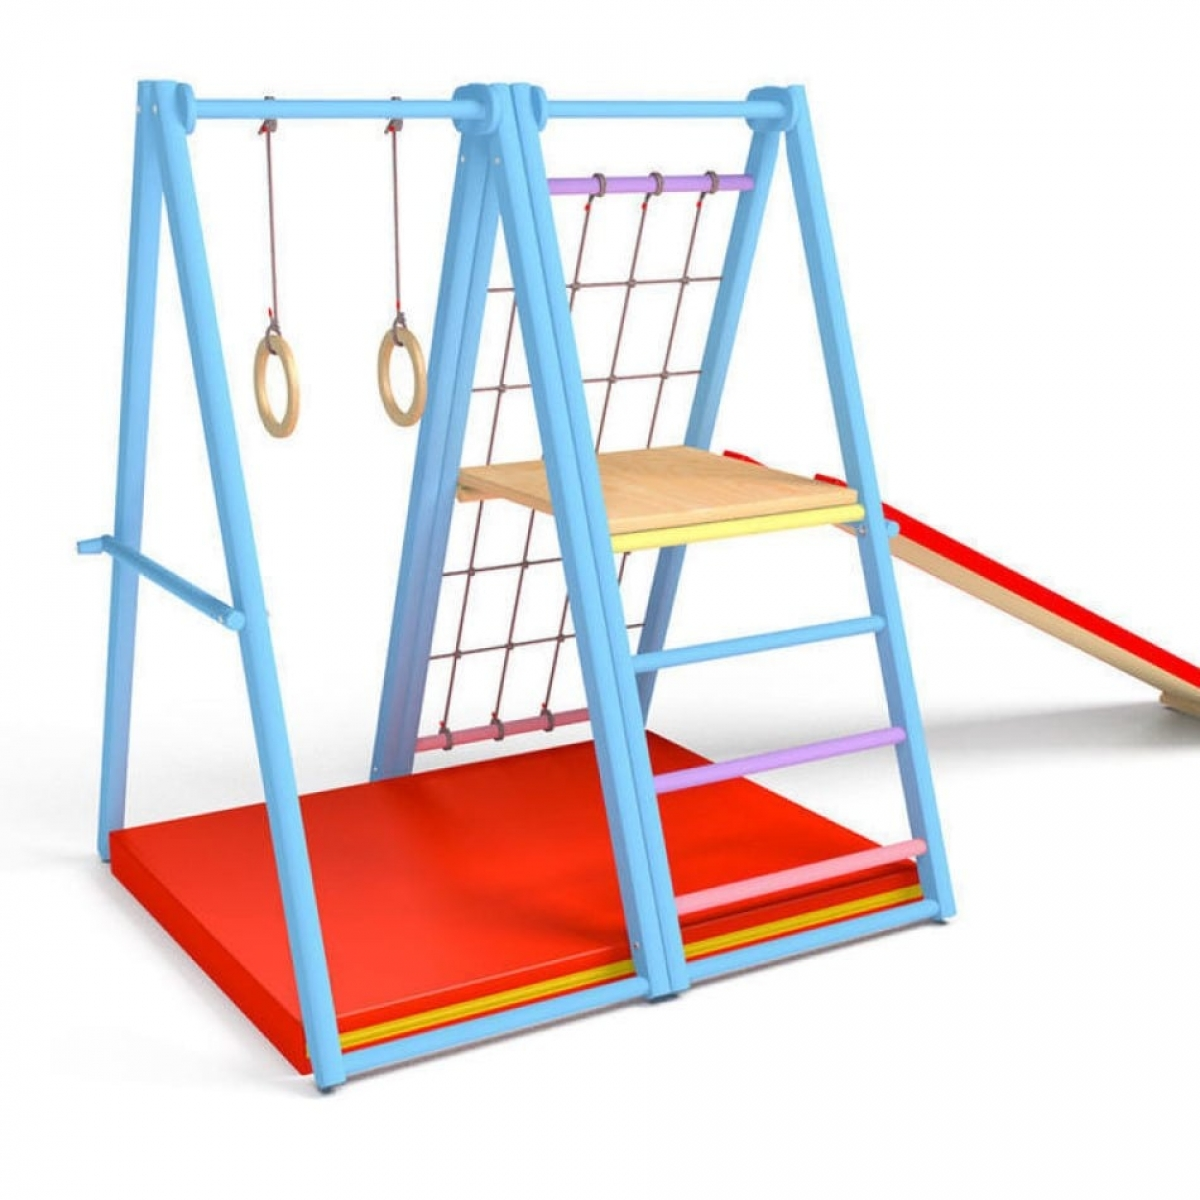 Спортивный комплекс Первые шаги складной (вариант 2) Голубой